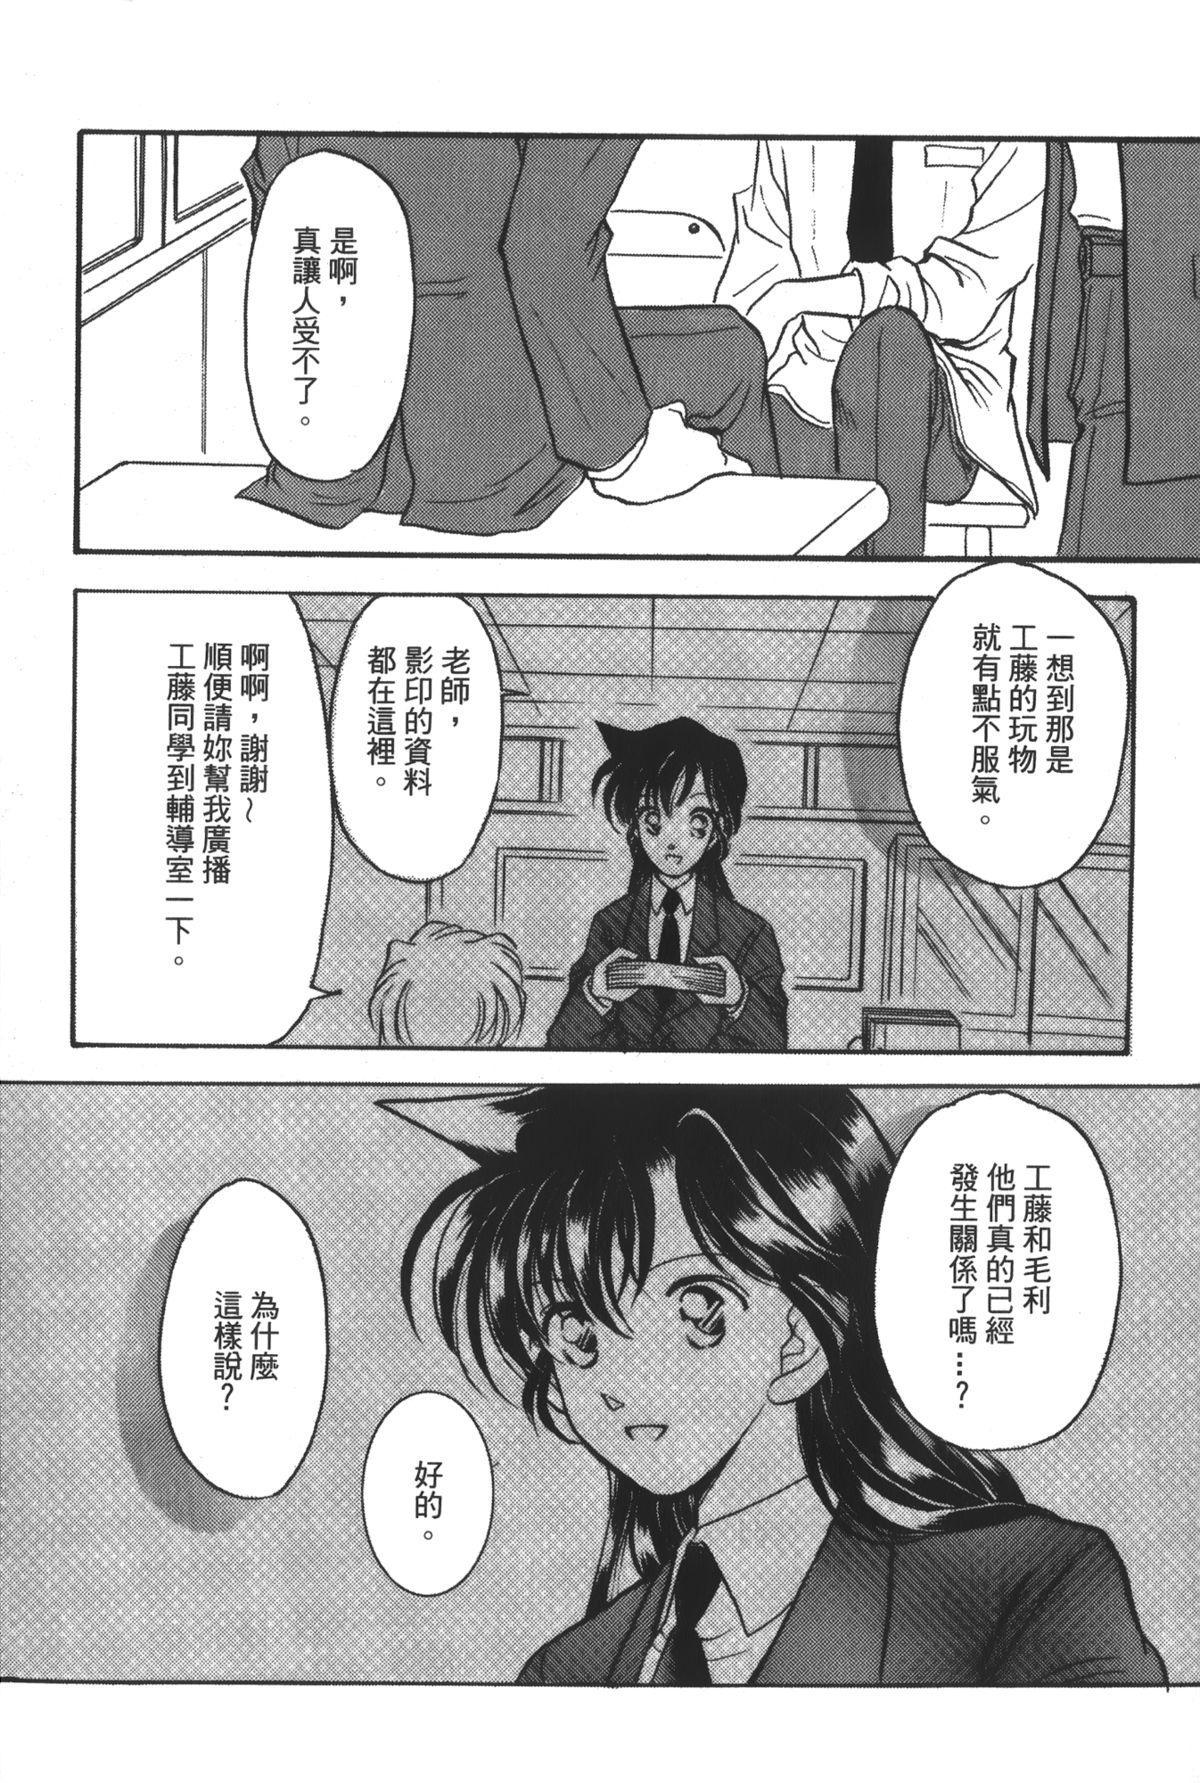 Detective Assistant Vol. 14 46